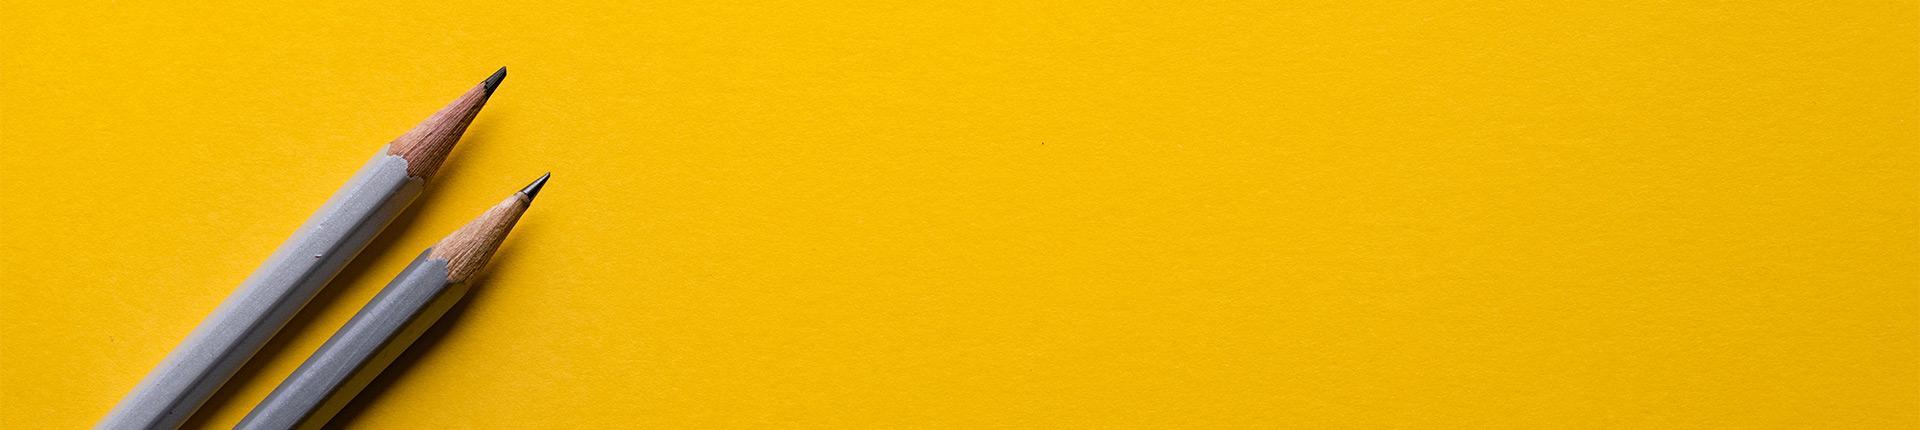 Bleistifte auf gelbem Grund (Leistungen Headergrafik)